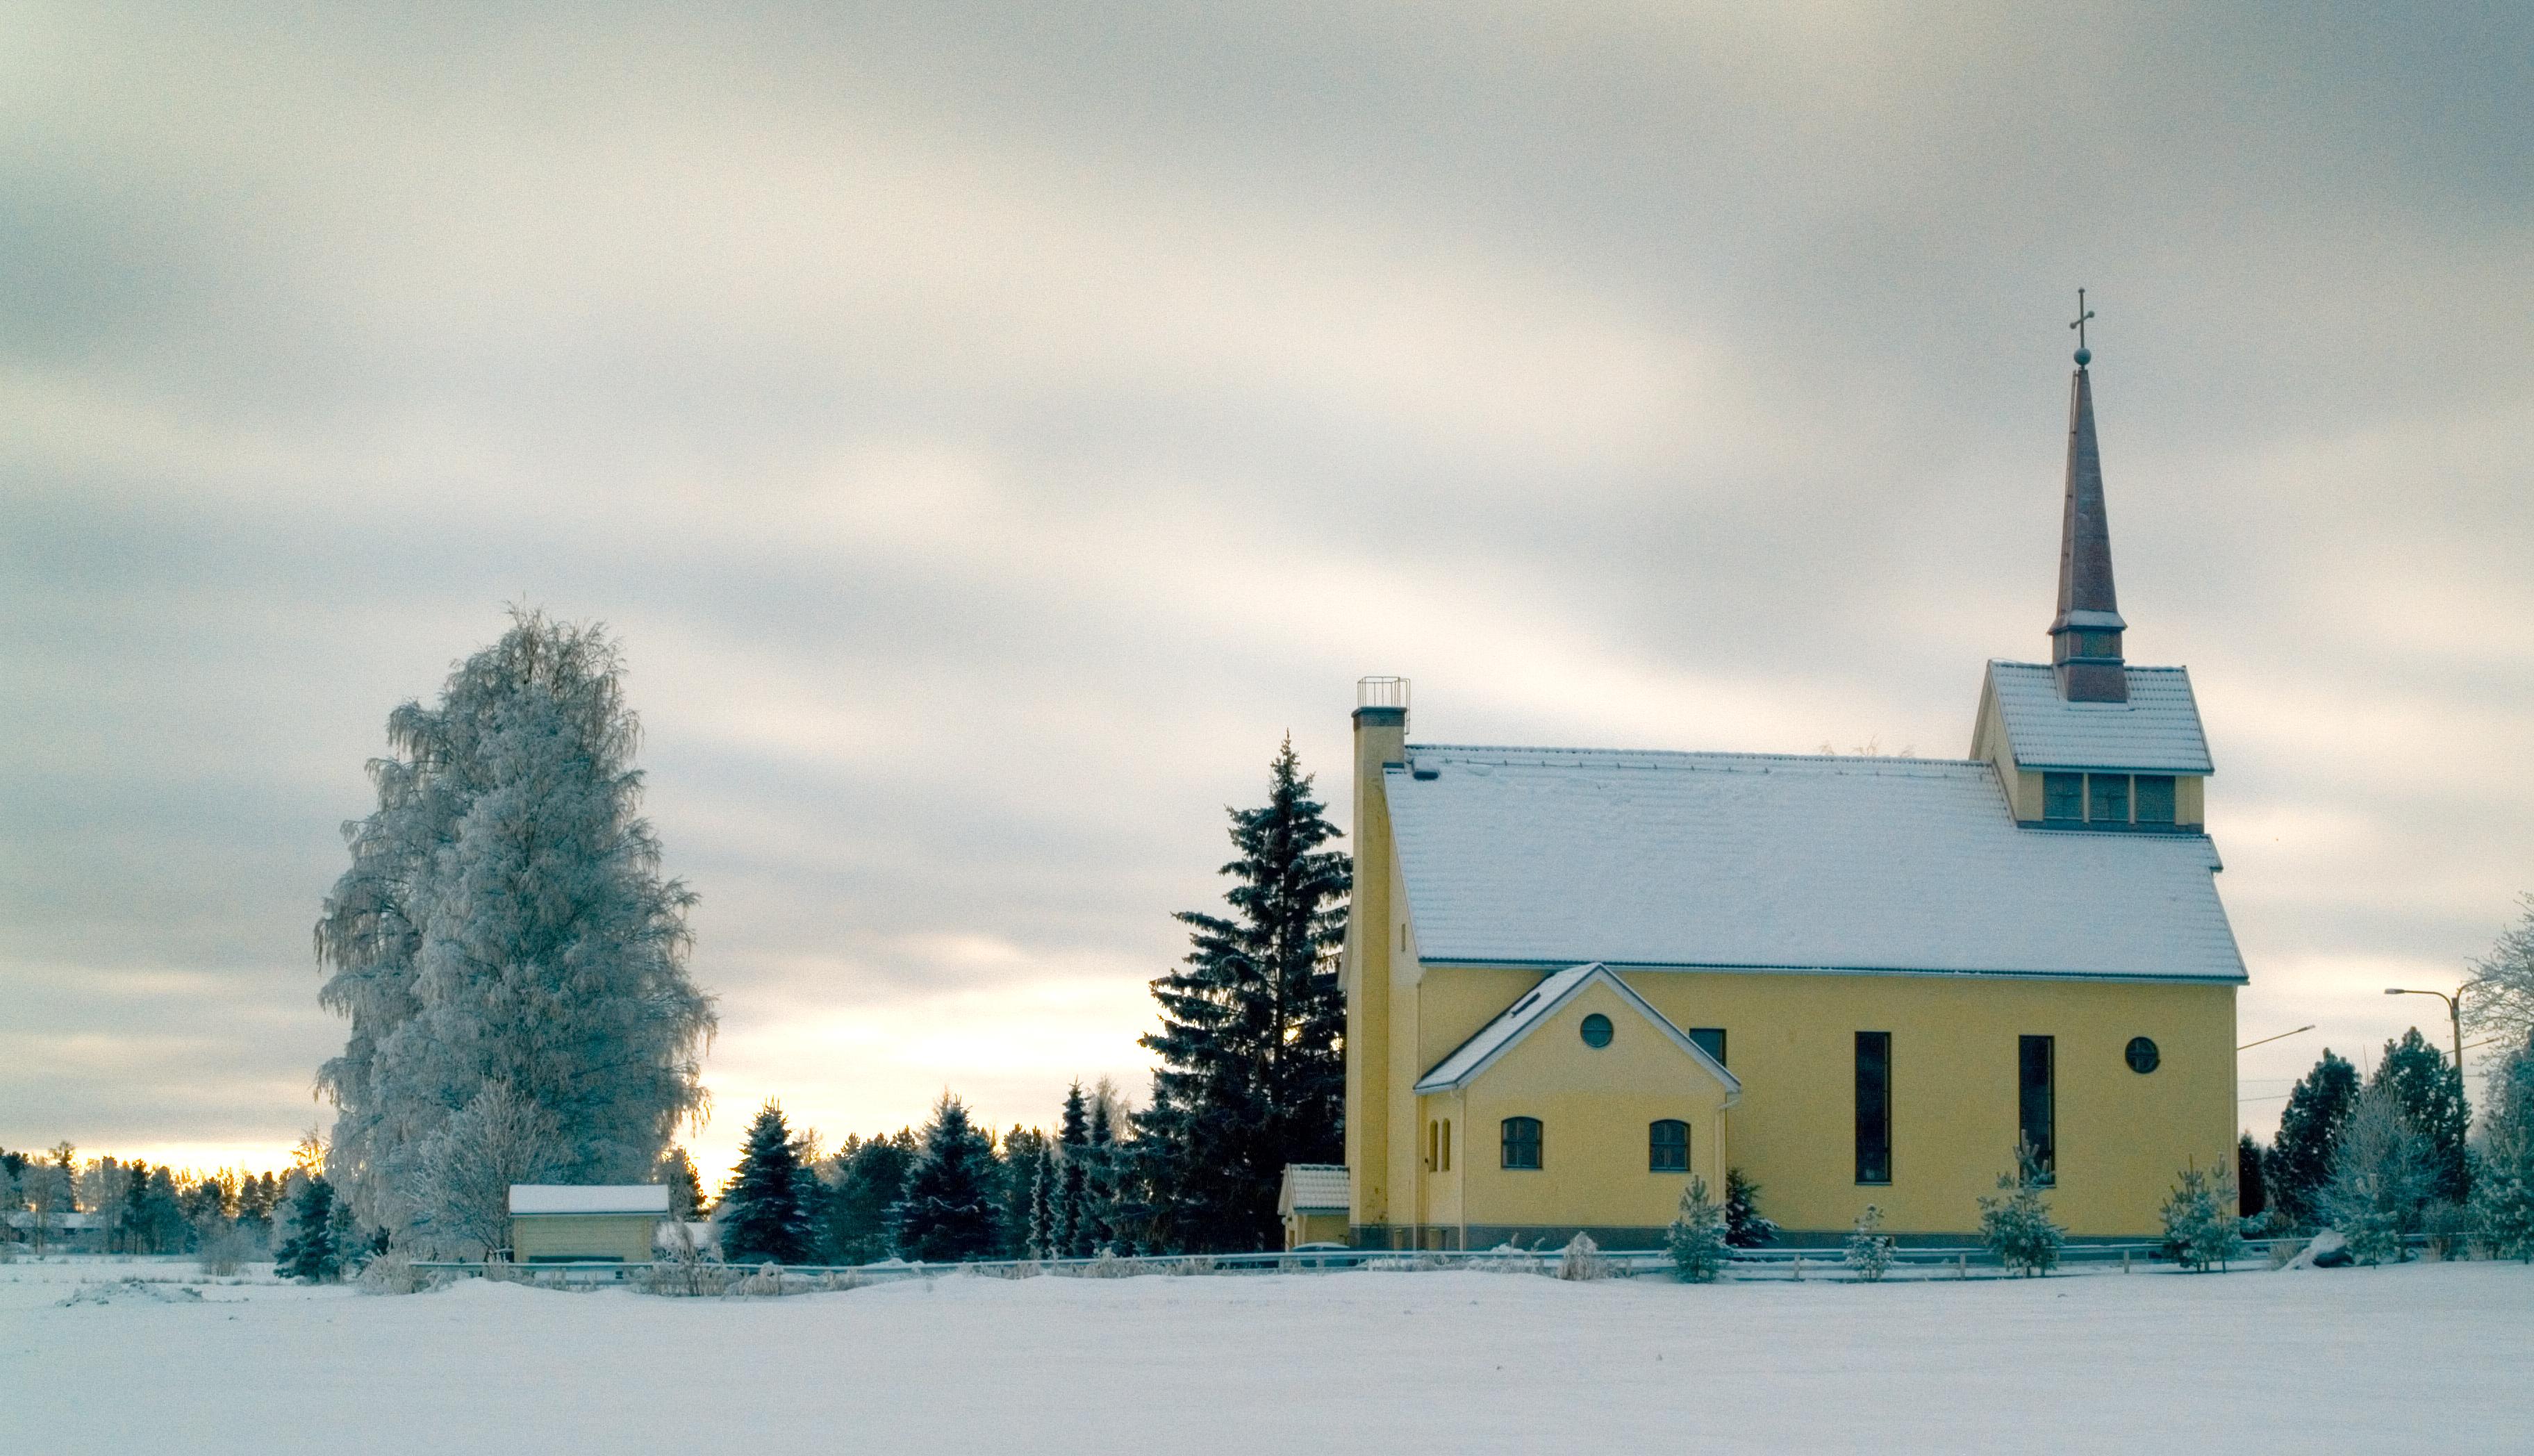 File:Kitinoja church Seinajoki Finland.jpg - Wikimedia Commons